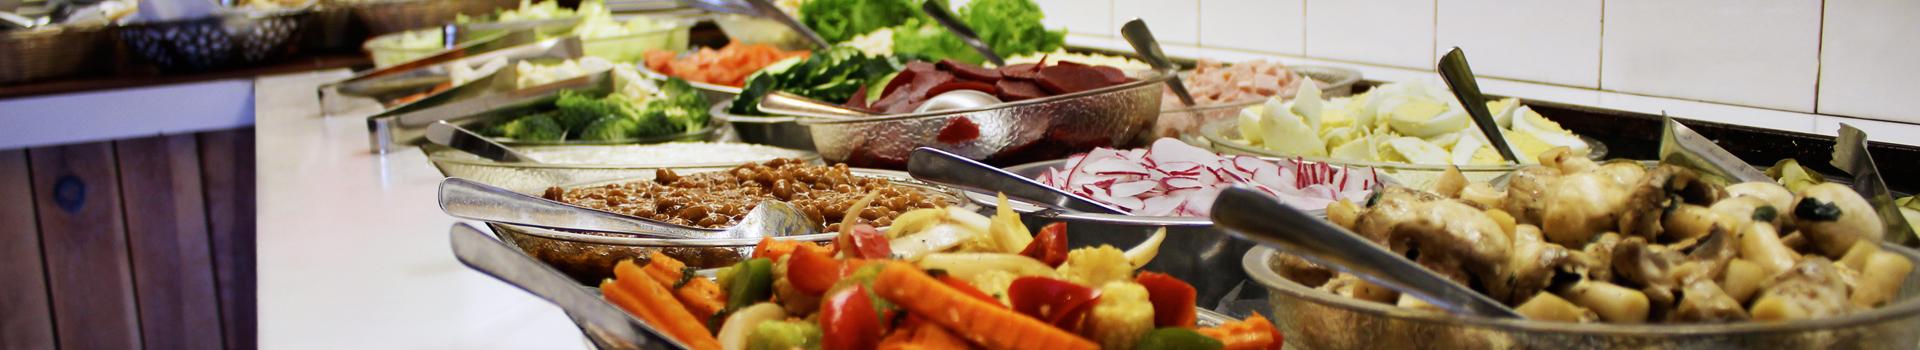 Catering-Slide